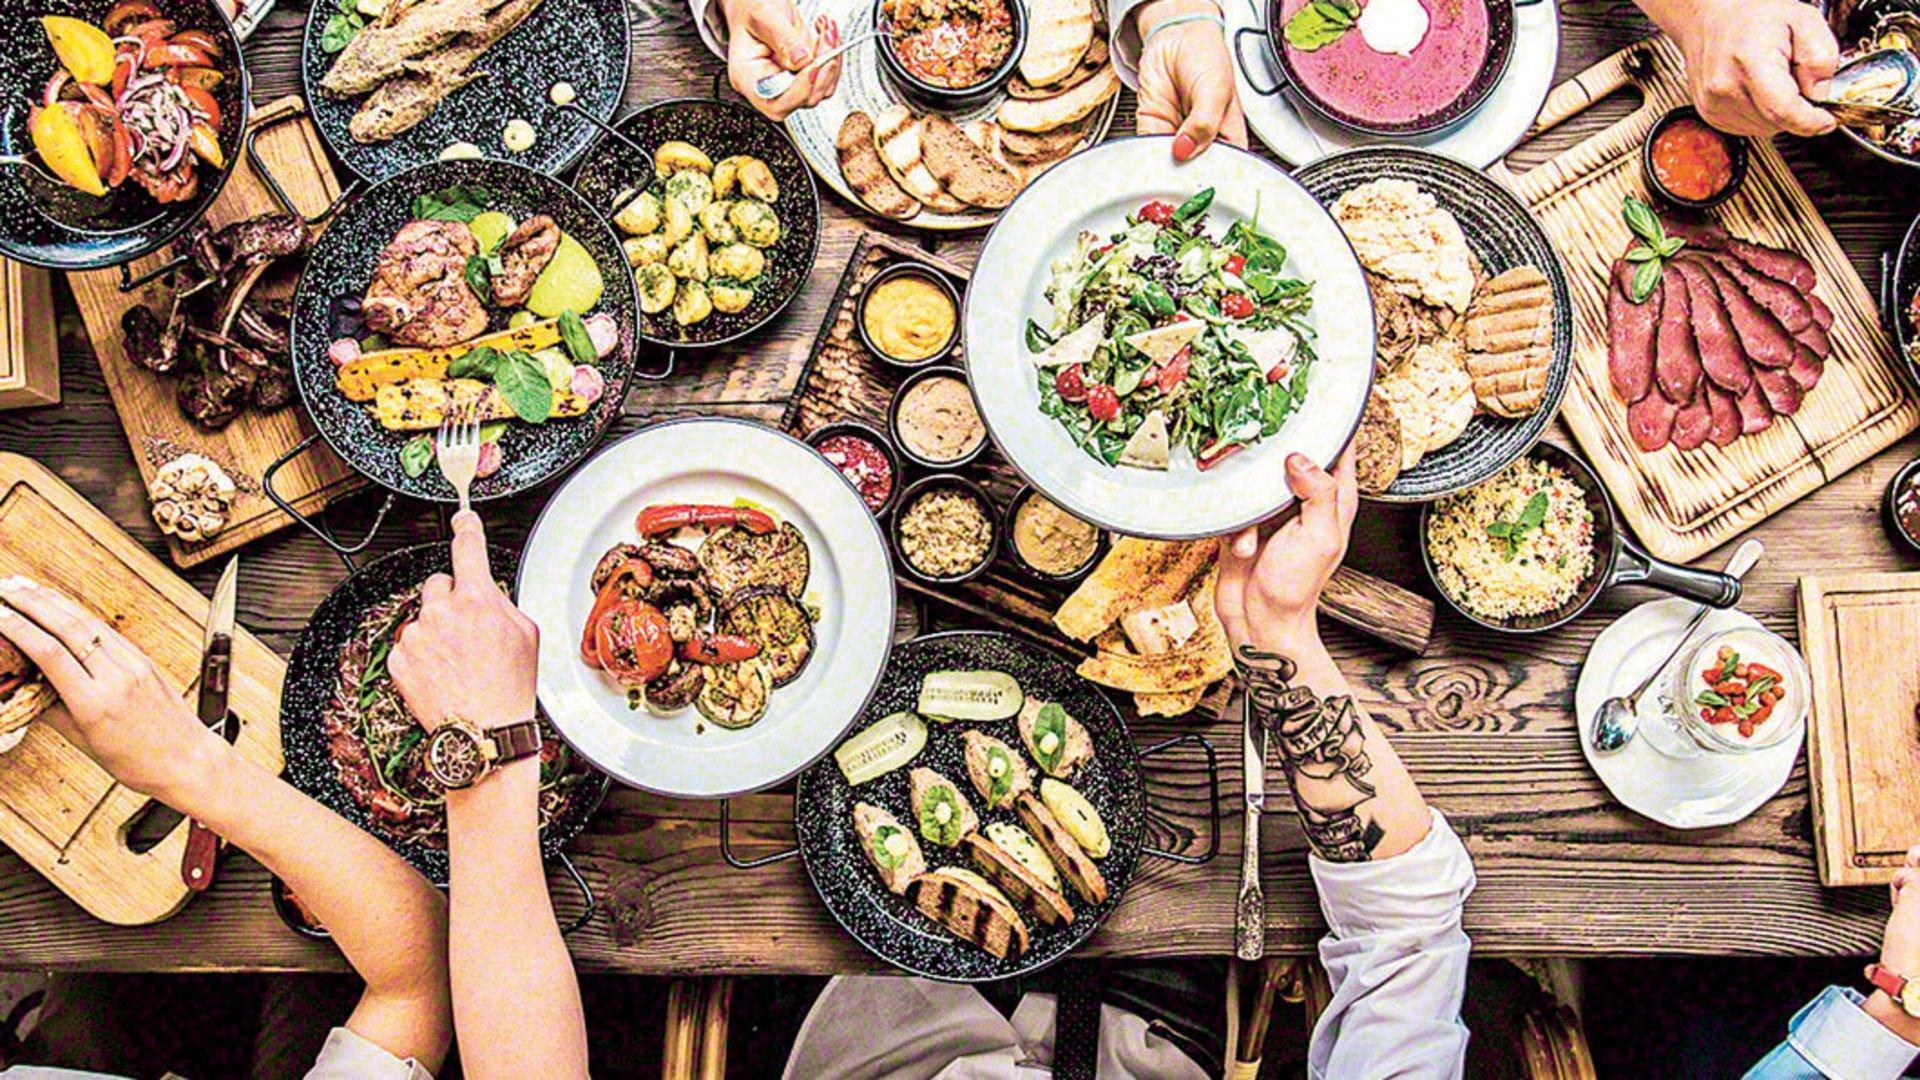 İspanya gastronomi turizmiyle dikkat çekti